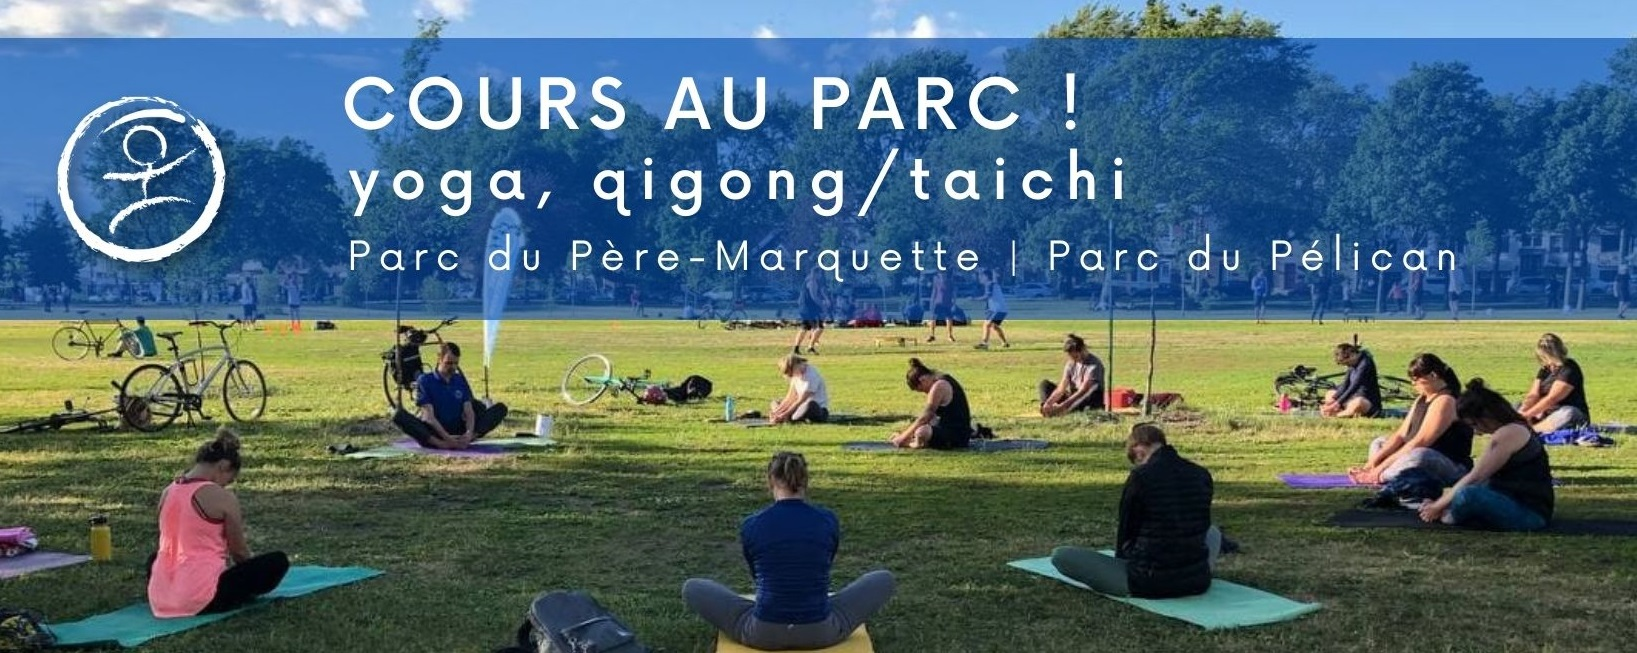 parc-yoga